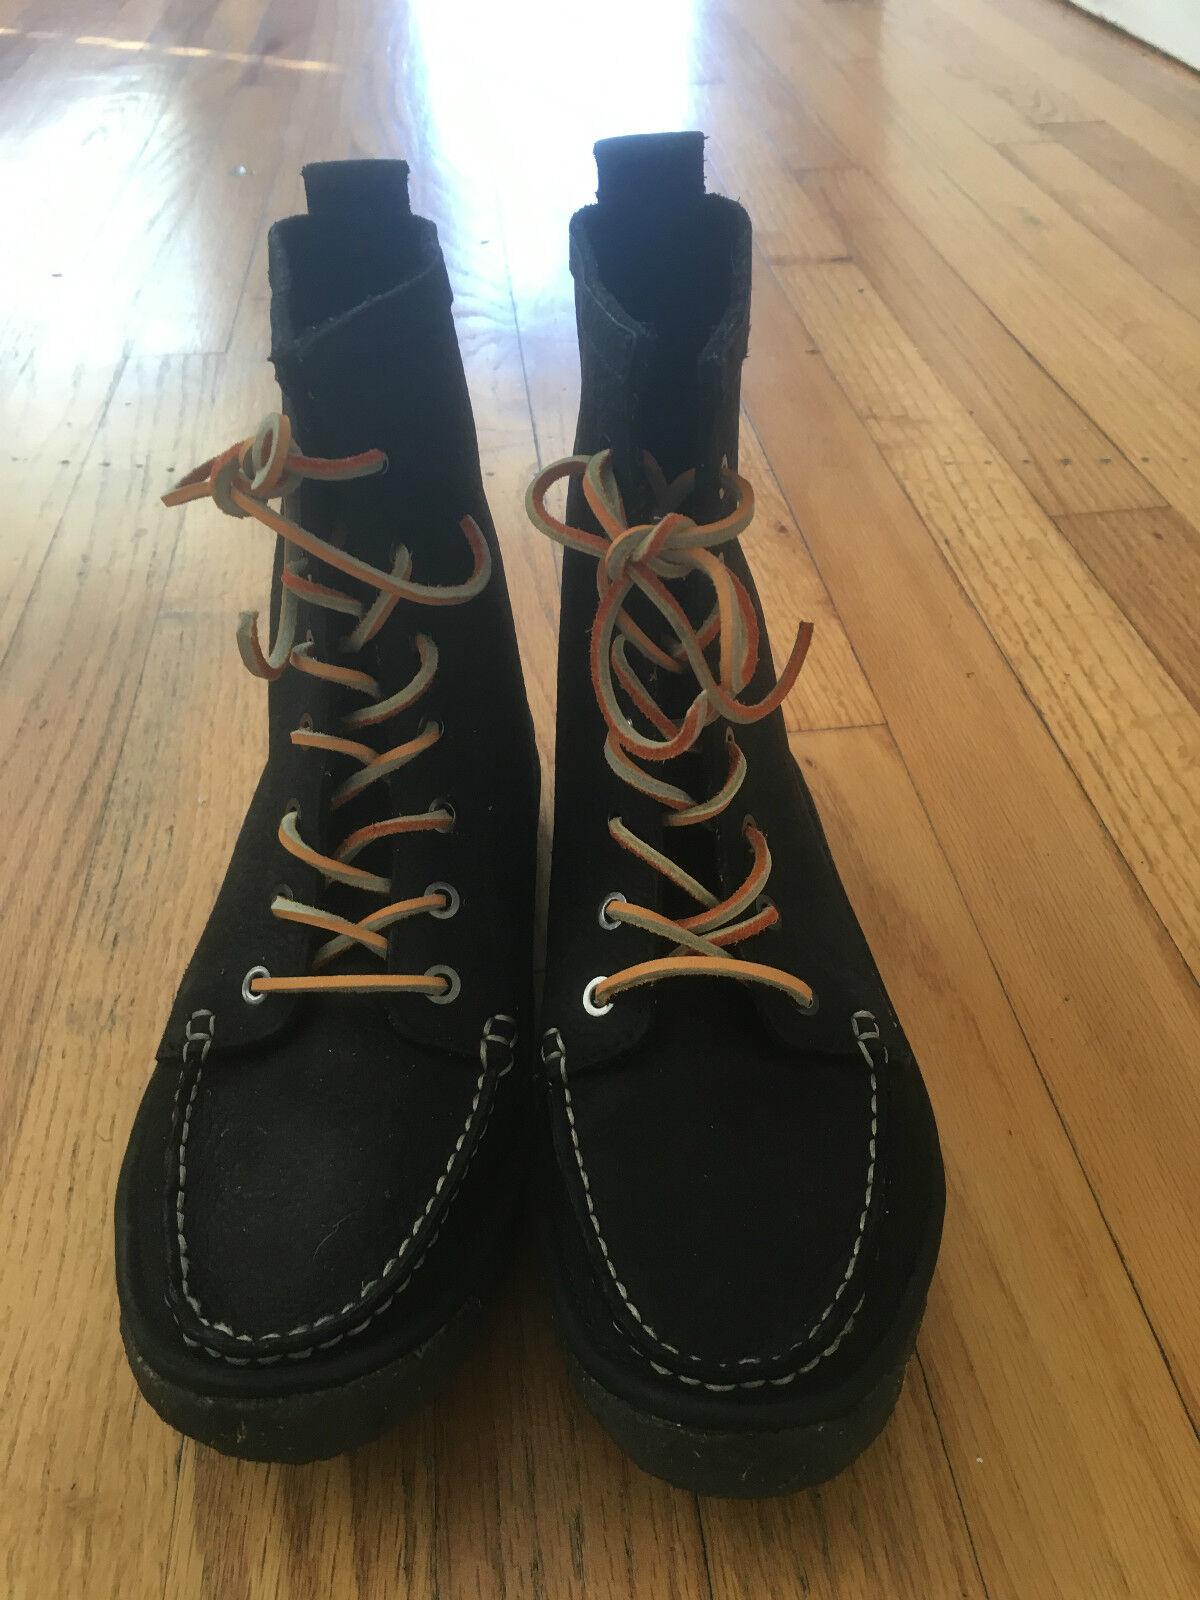 Nuevas botas Seavees Negro 7 Ojo Trail Mujer 10